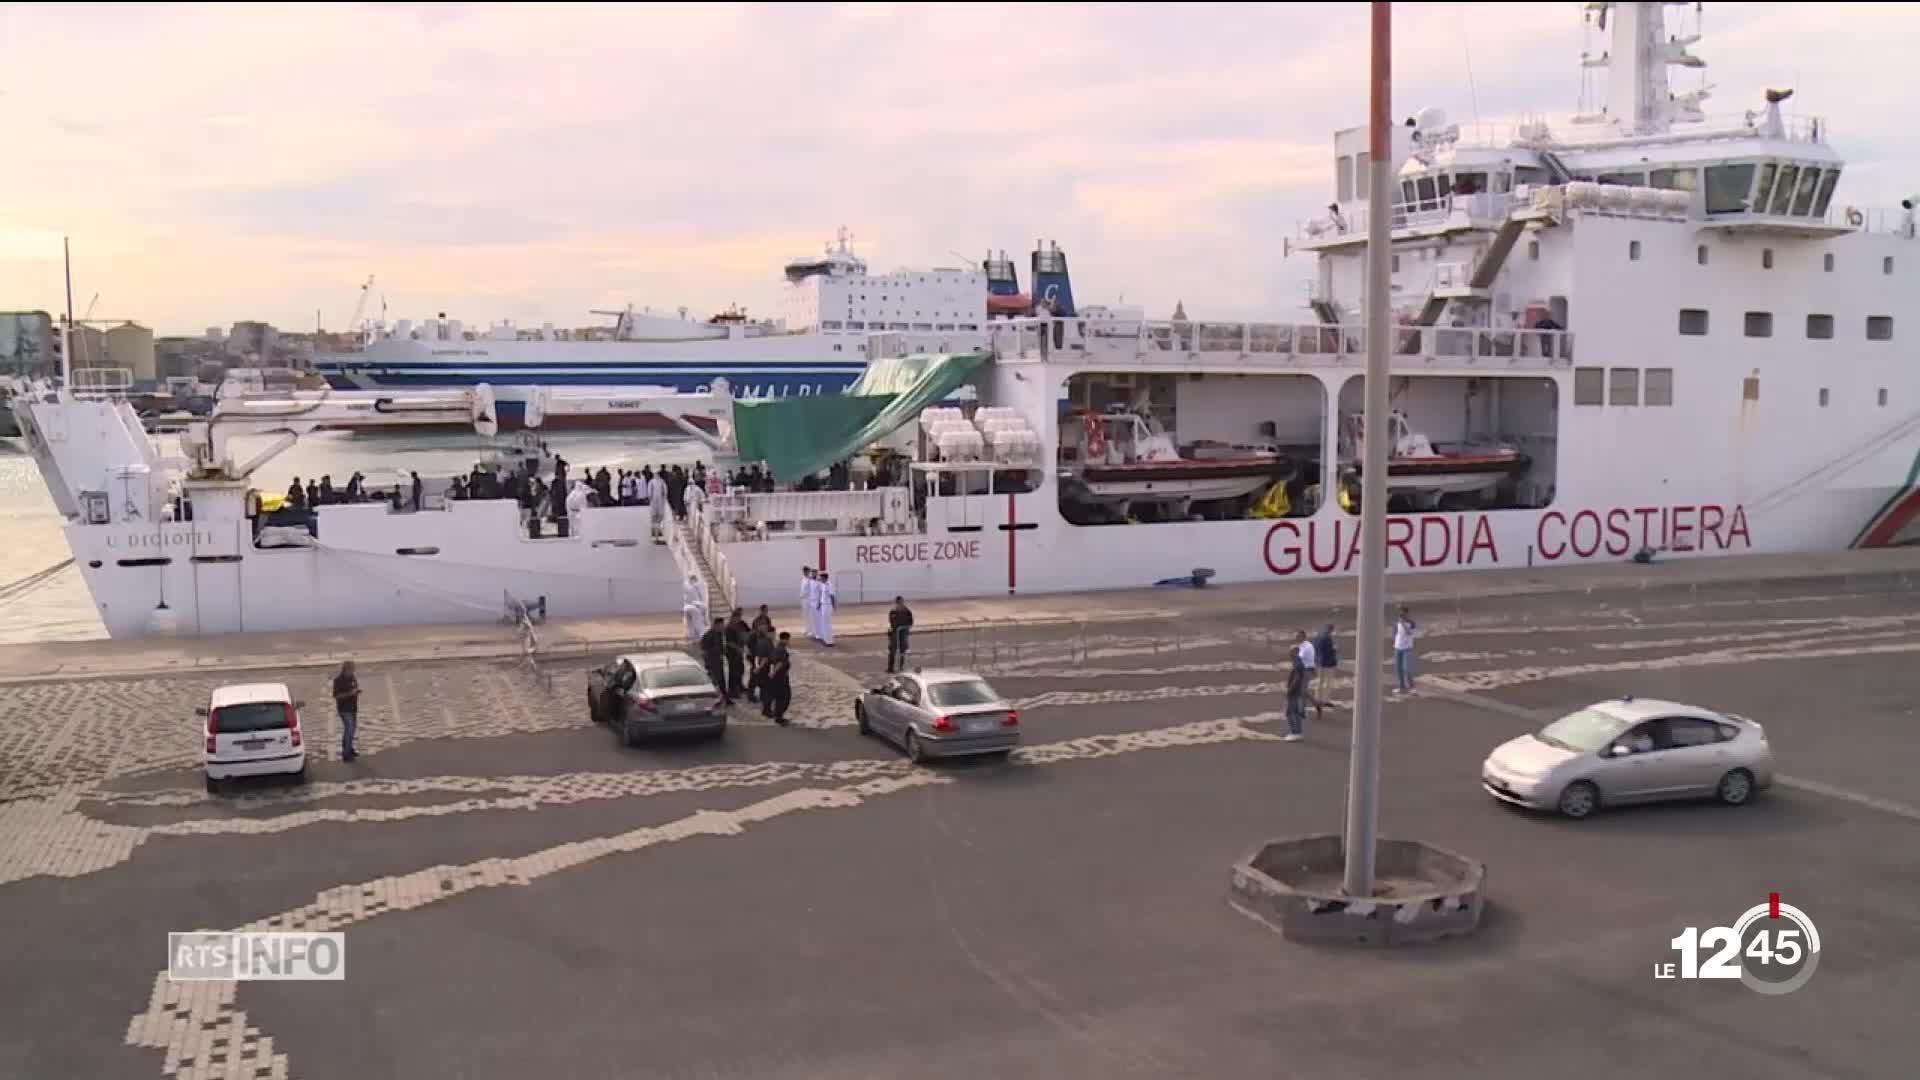 Les Italiens bloqués à Tenerife: l'odyssée de Lorenza pour rentrer chez elle